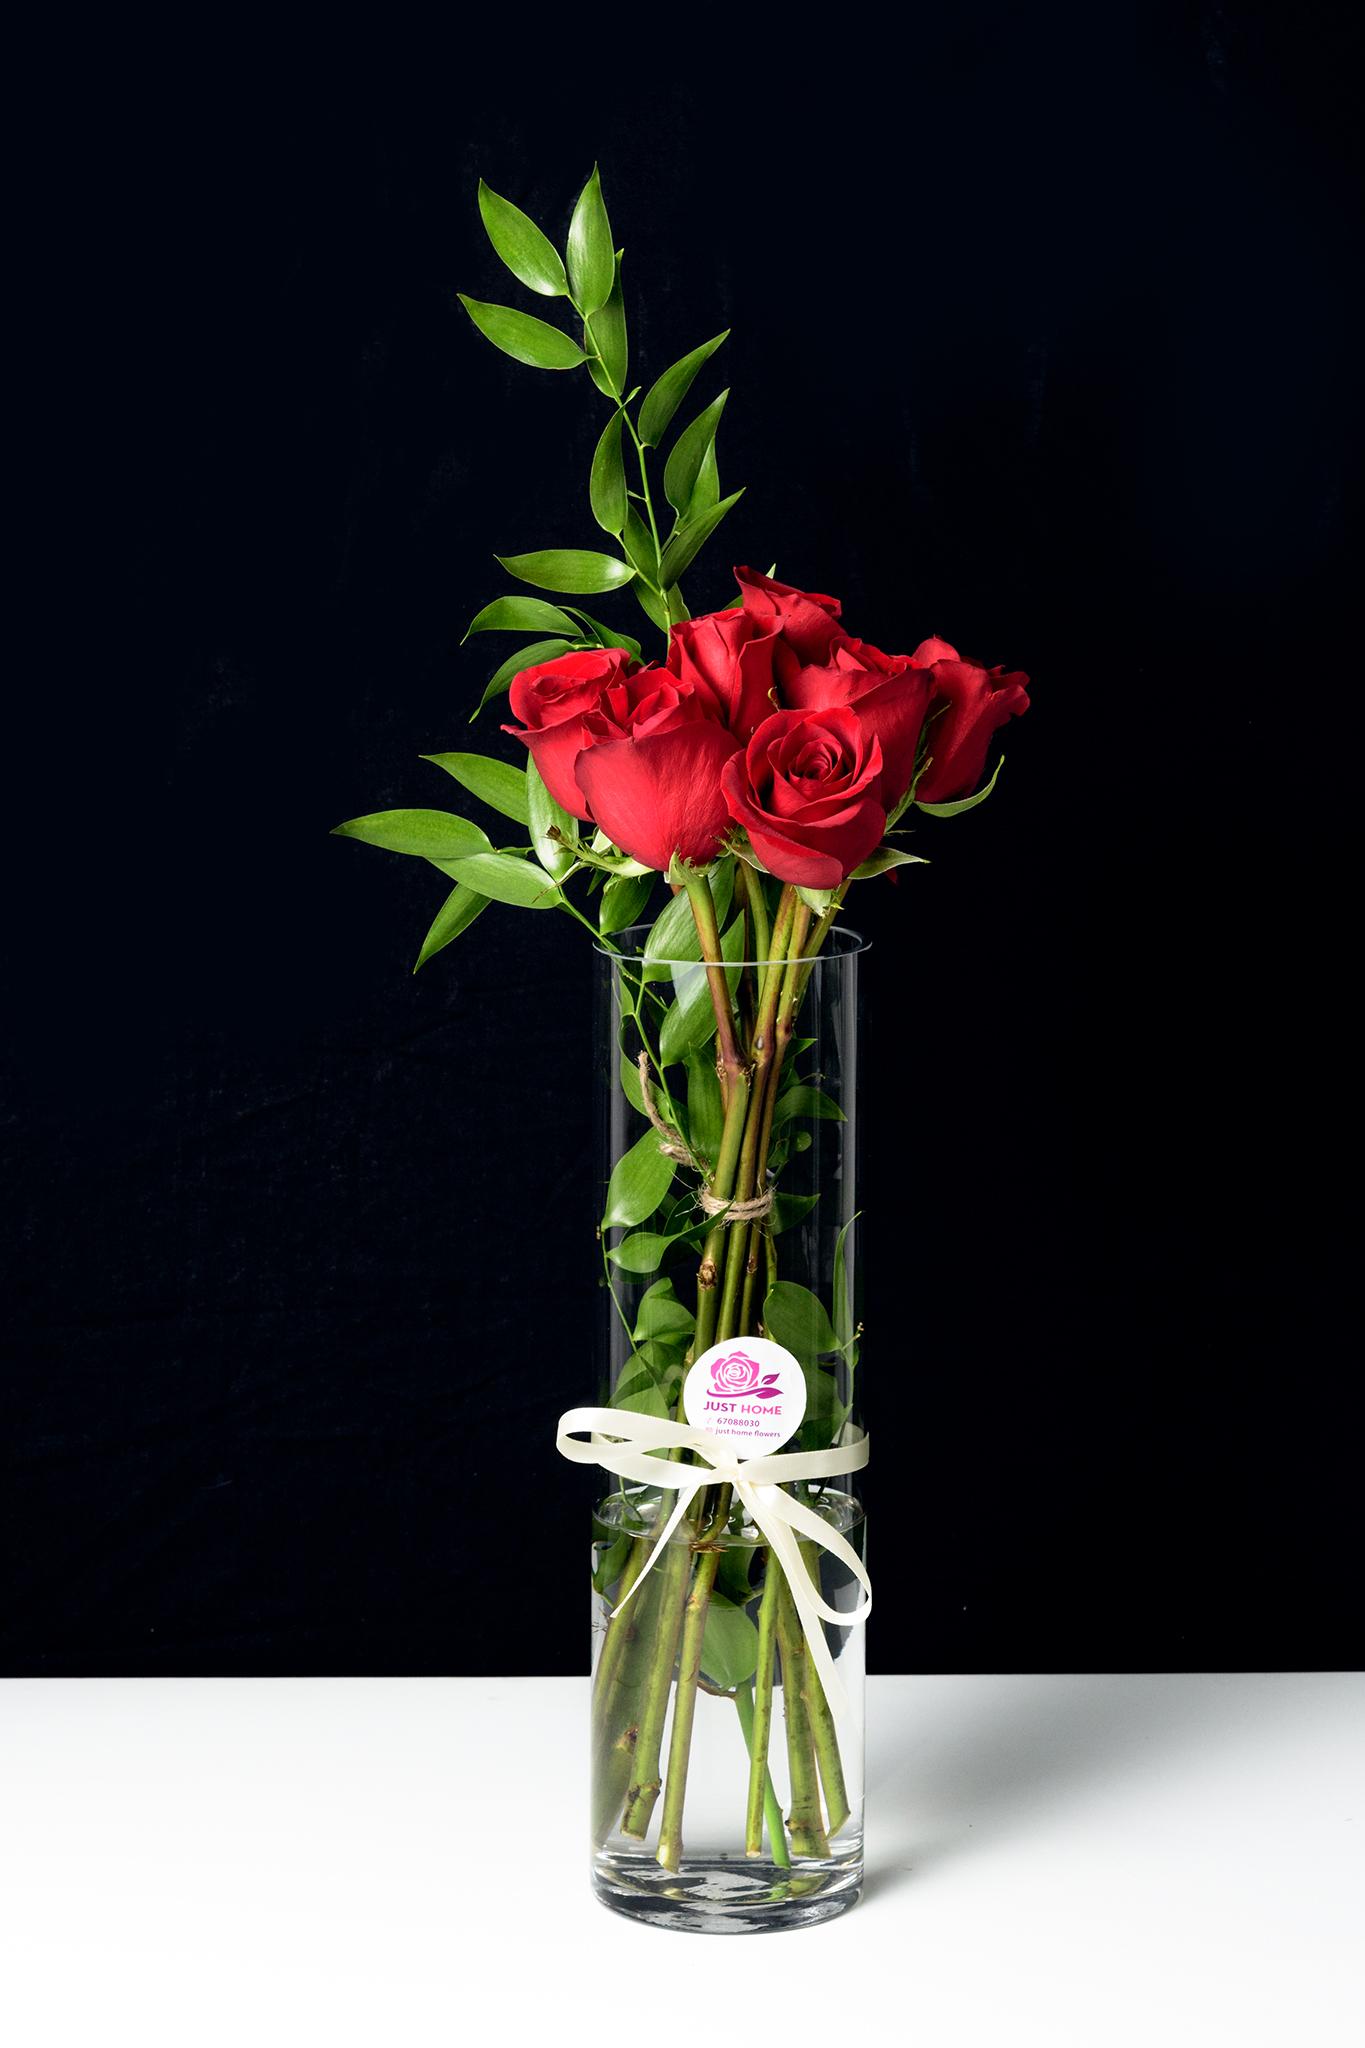 لك وحدك 'زهور مع قاعدة'